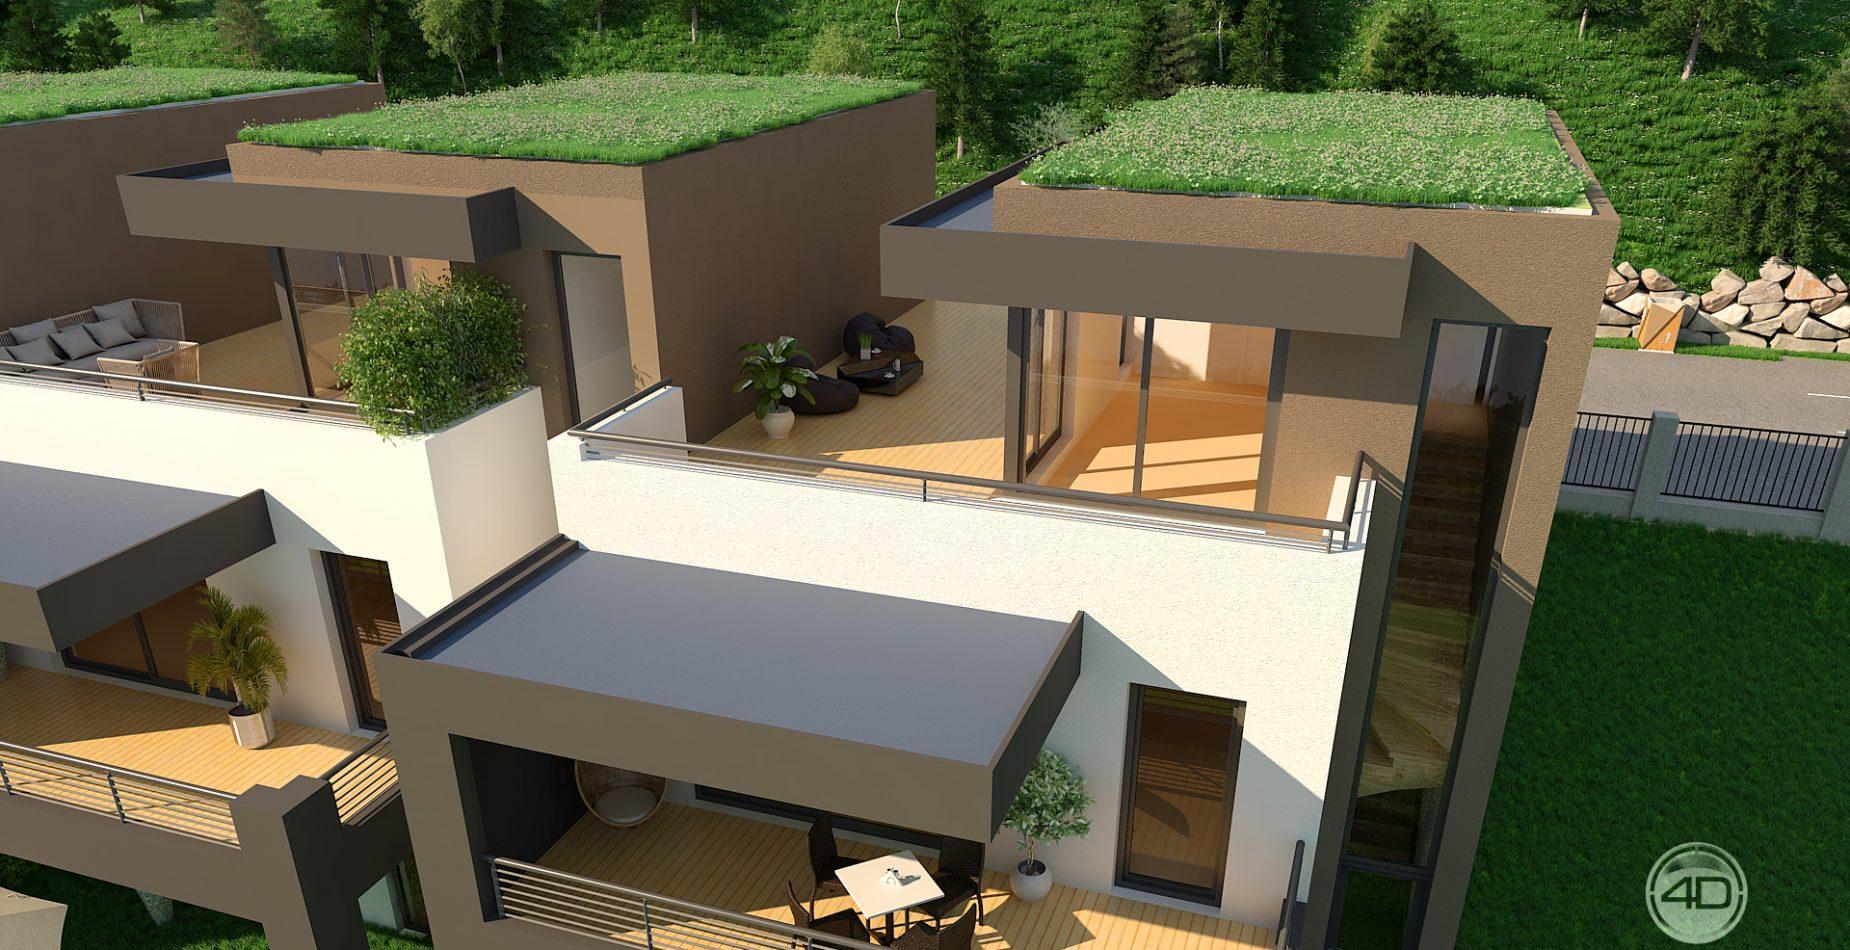 Edificio_4D-univers-townhouse_lac_annecy_3D-villa_00008